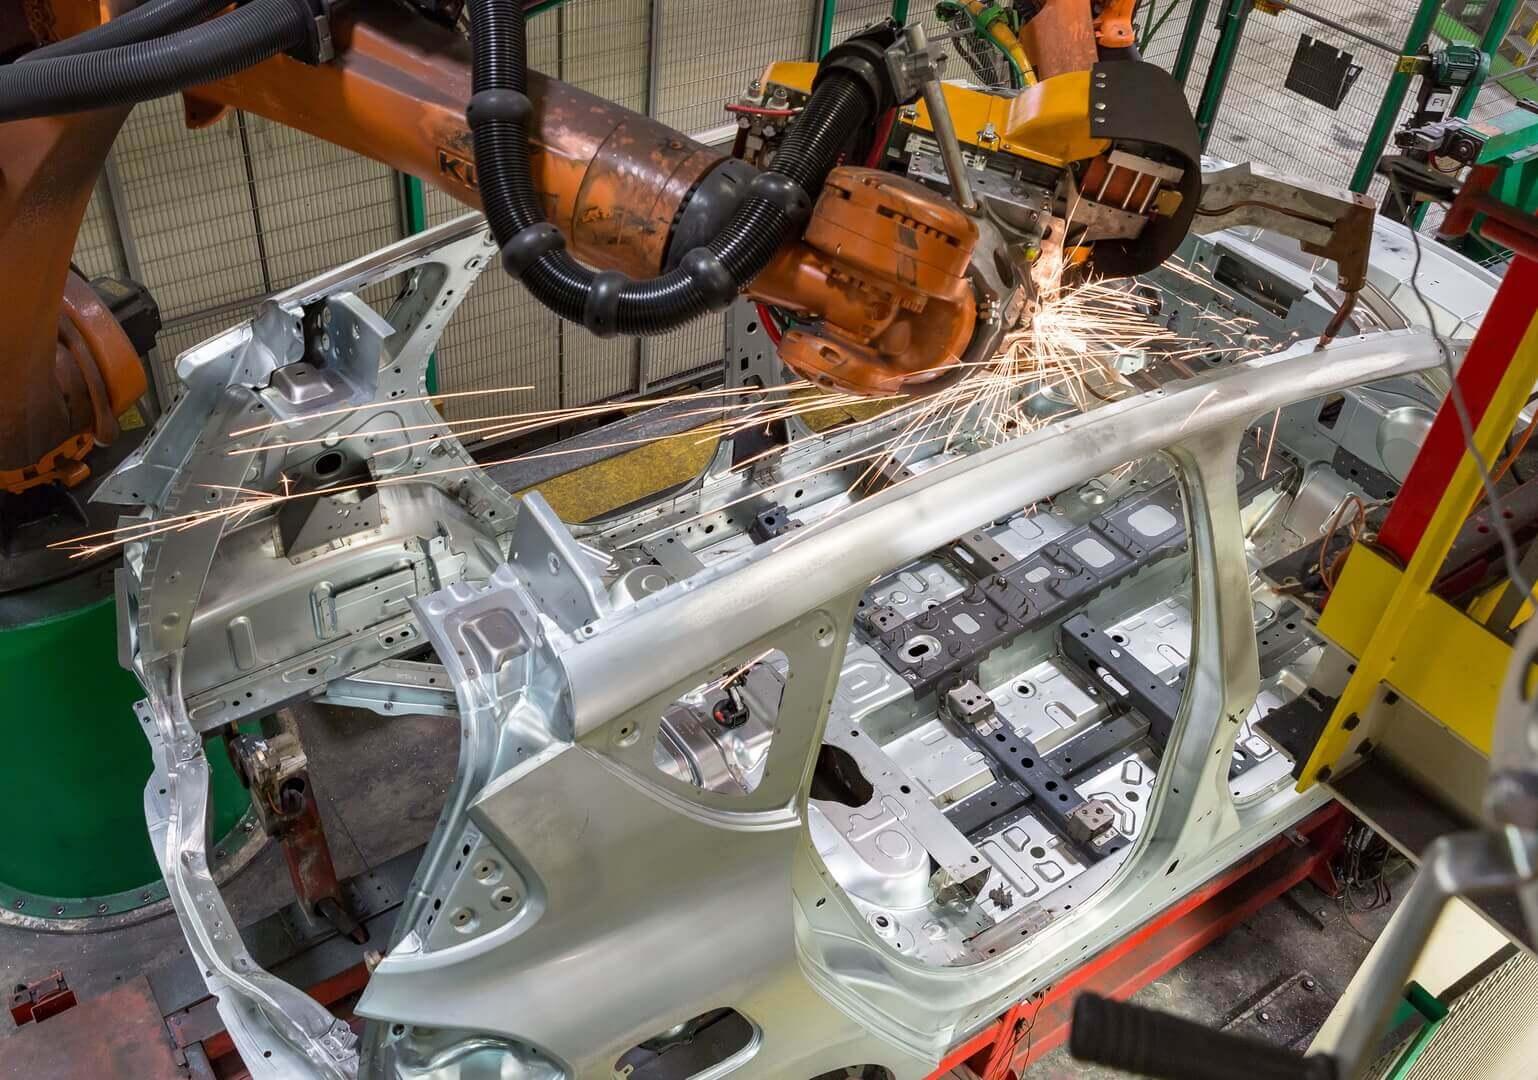 С 2021 года завод в Дуэ начнет выпуск своего первого электромобиля, Mégane E-Vision, на базе новой модульной платформы Альянса CMF-EV